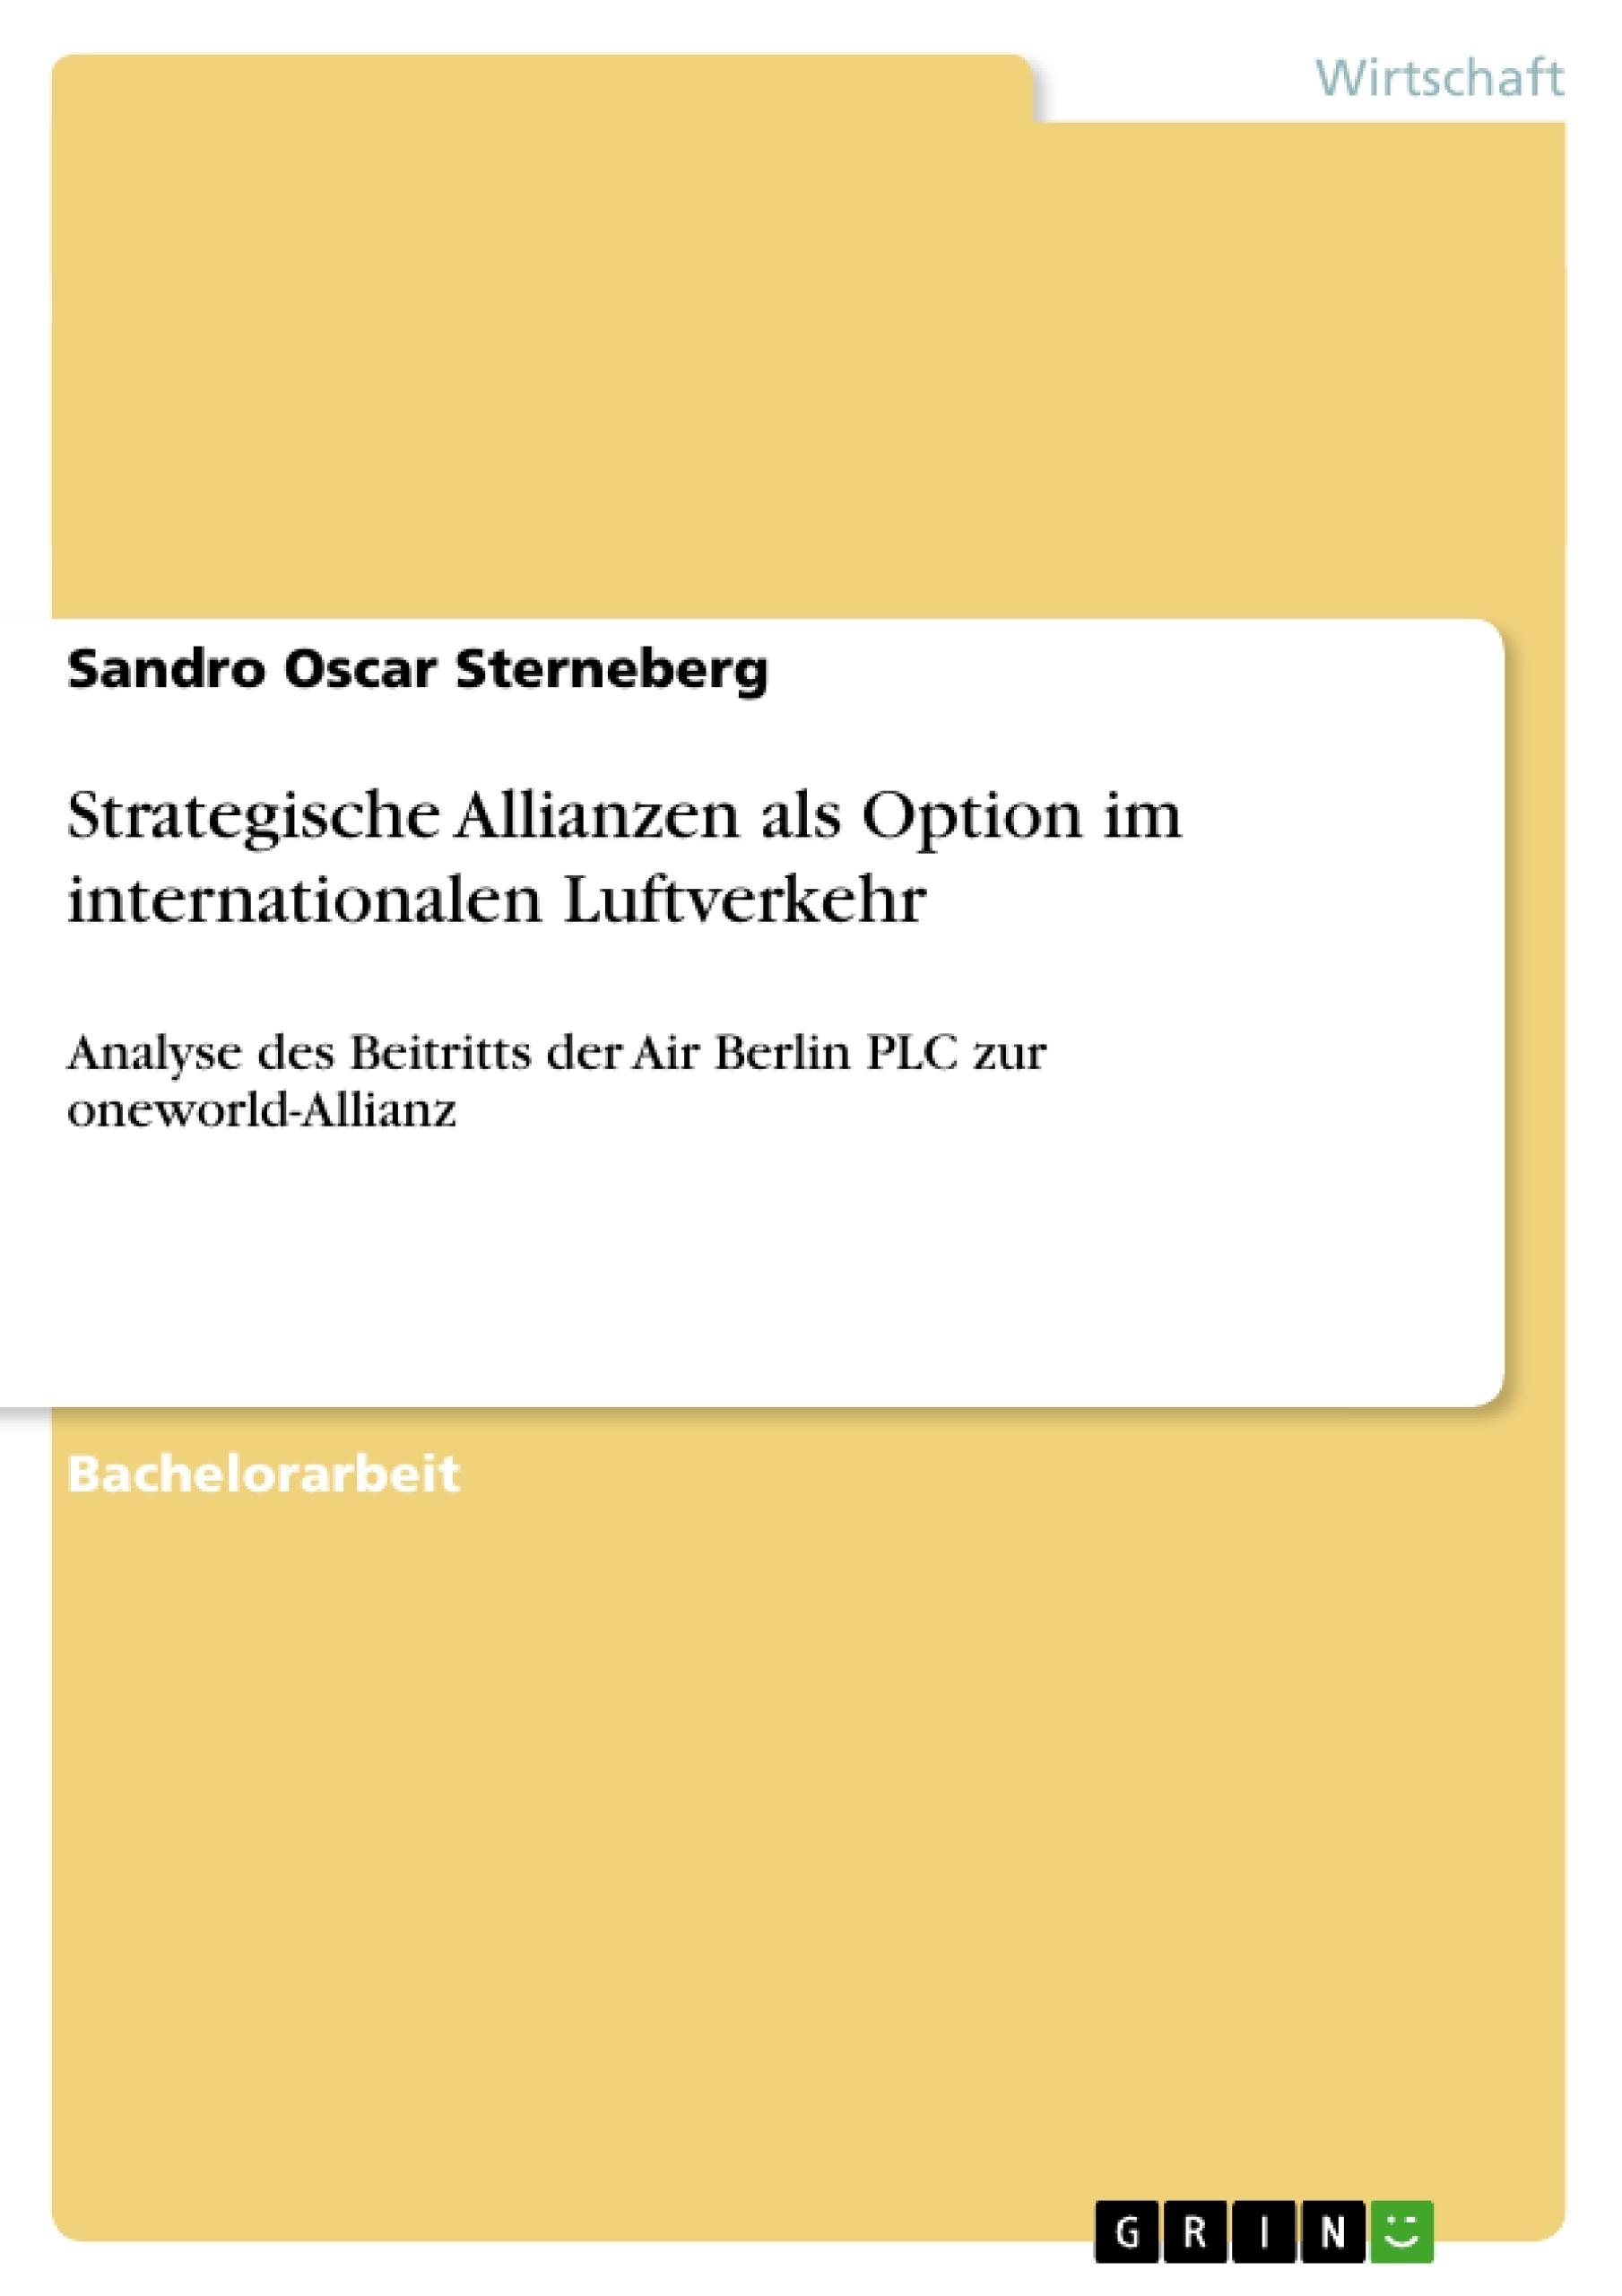 Titel: Strategische Allianzen als Option im internationalen Luftverkehr